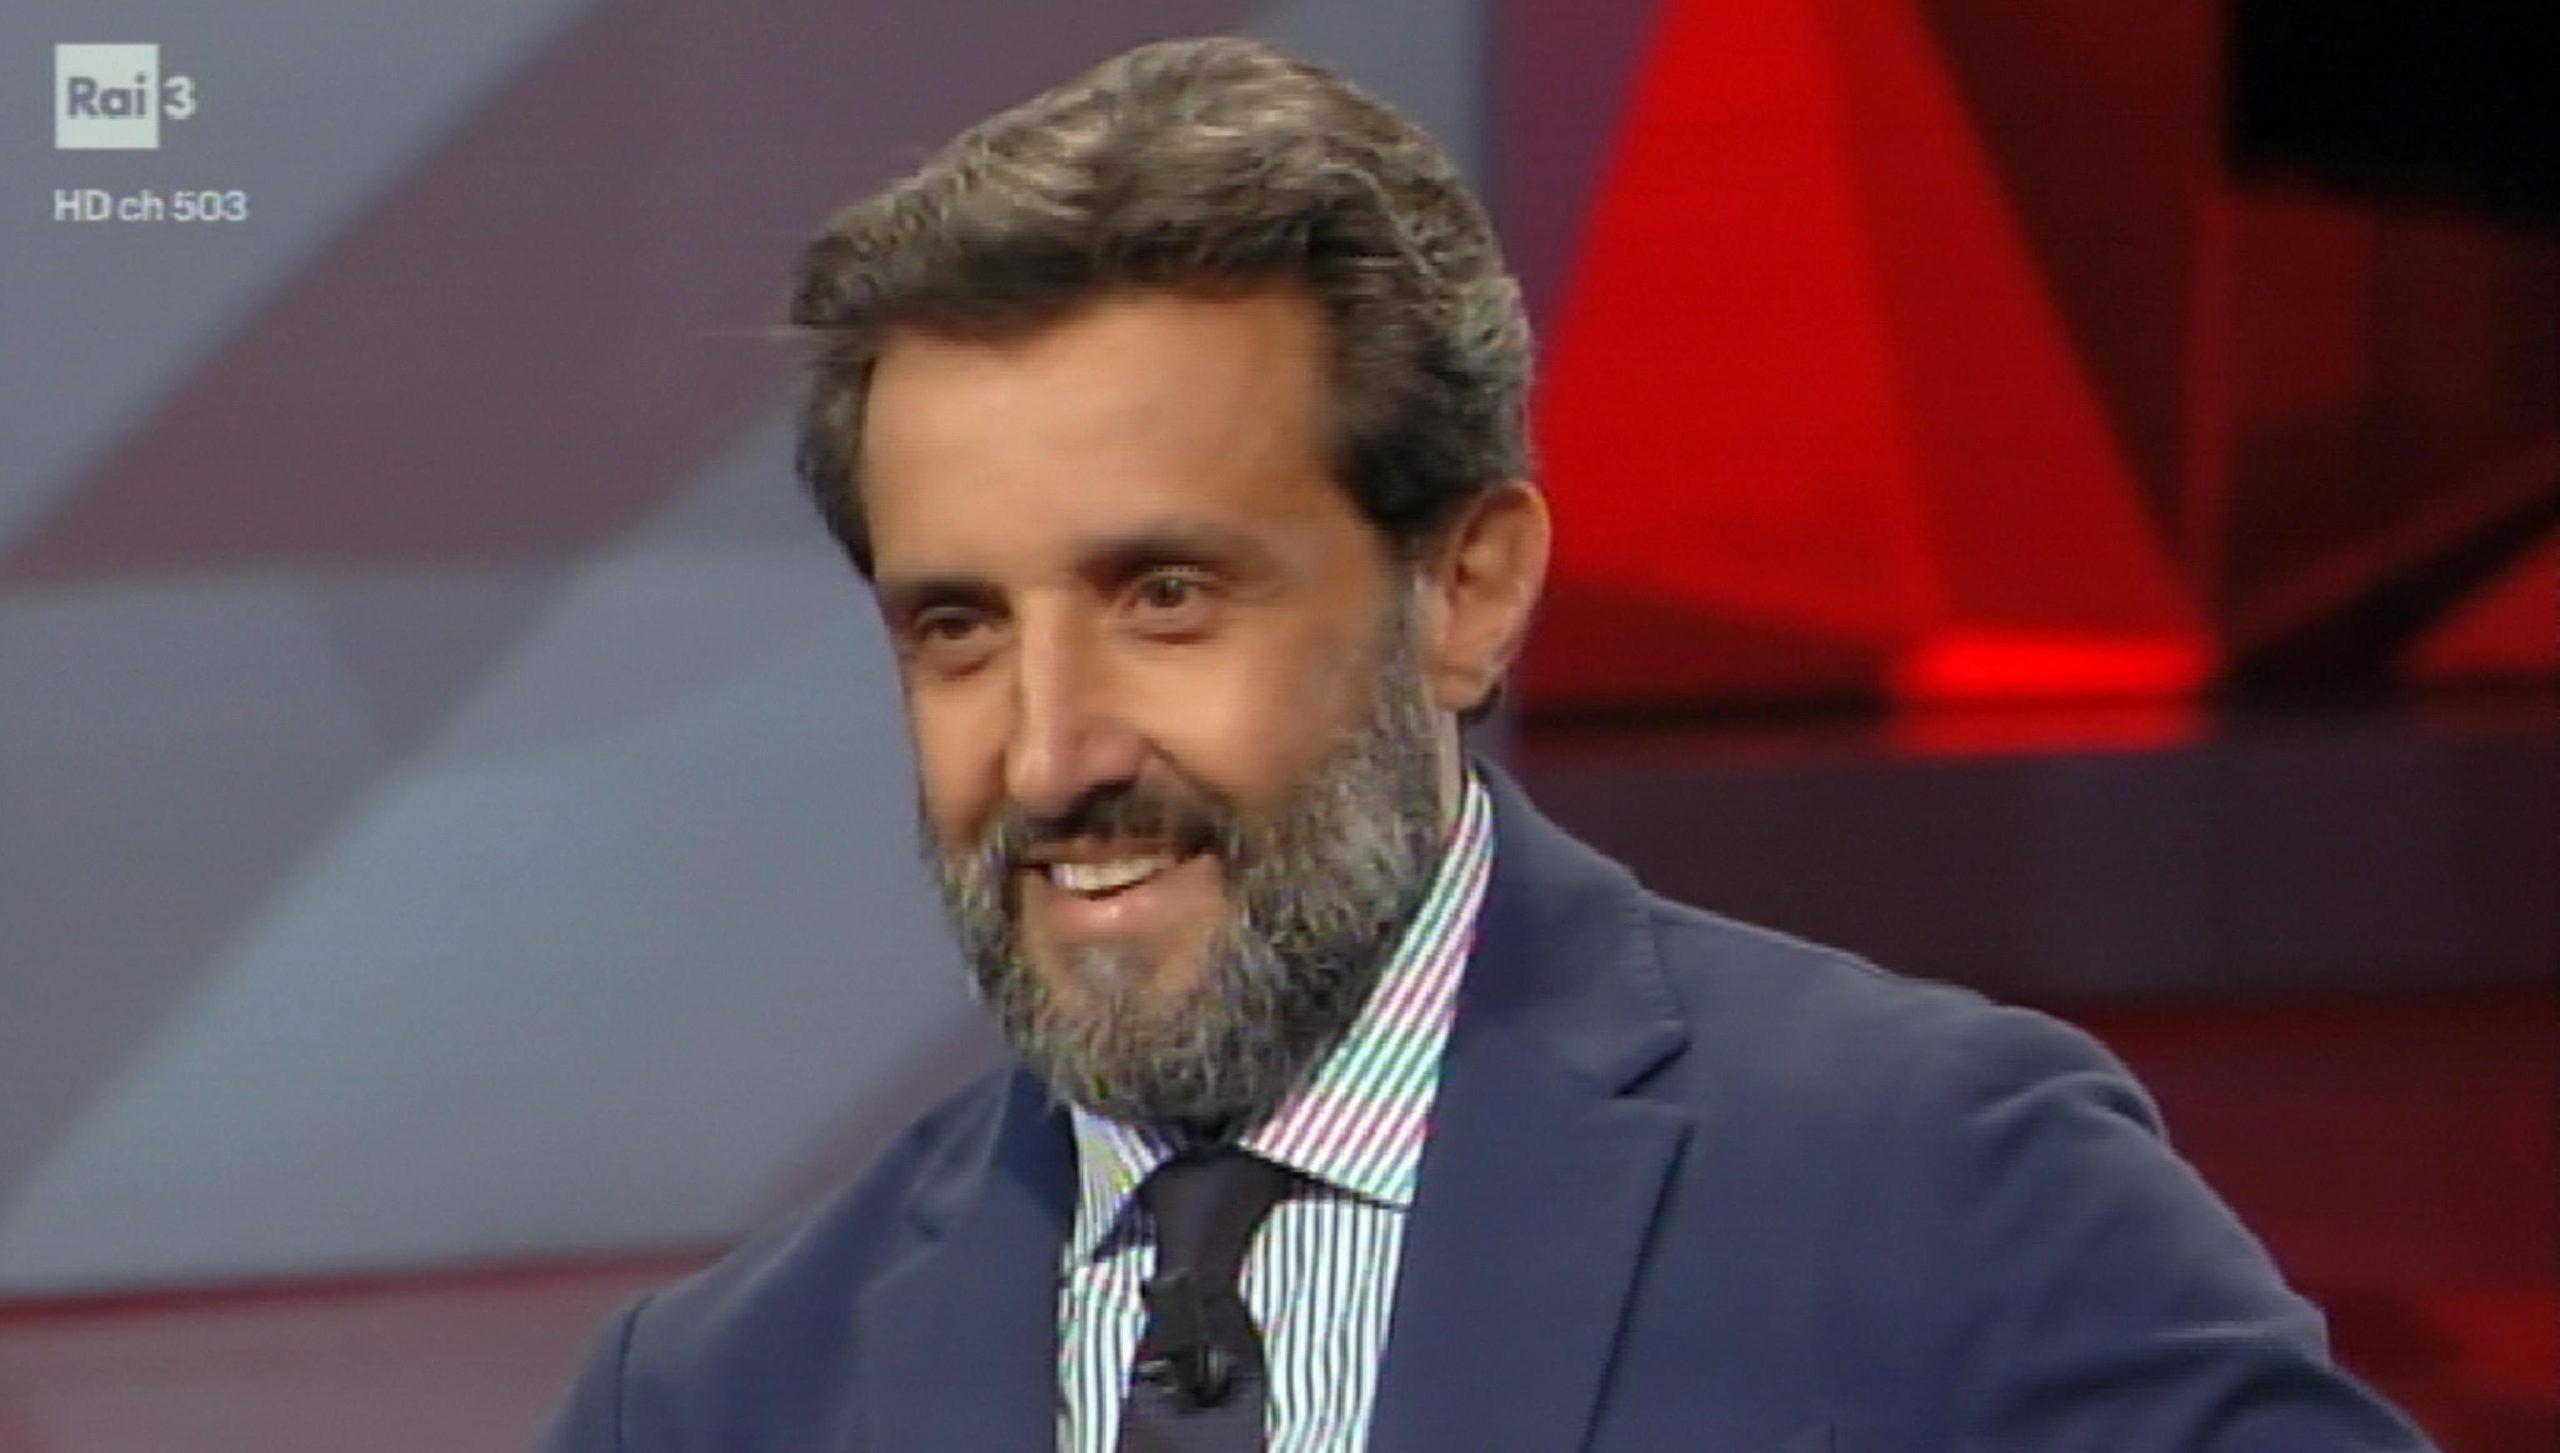 Flavio Insinna a Cartabianca: 'Contro di me attacchi violentissimi: mi vergogno ma non cambio'